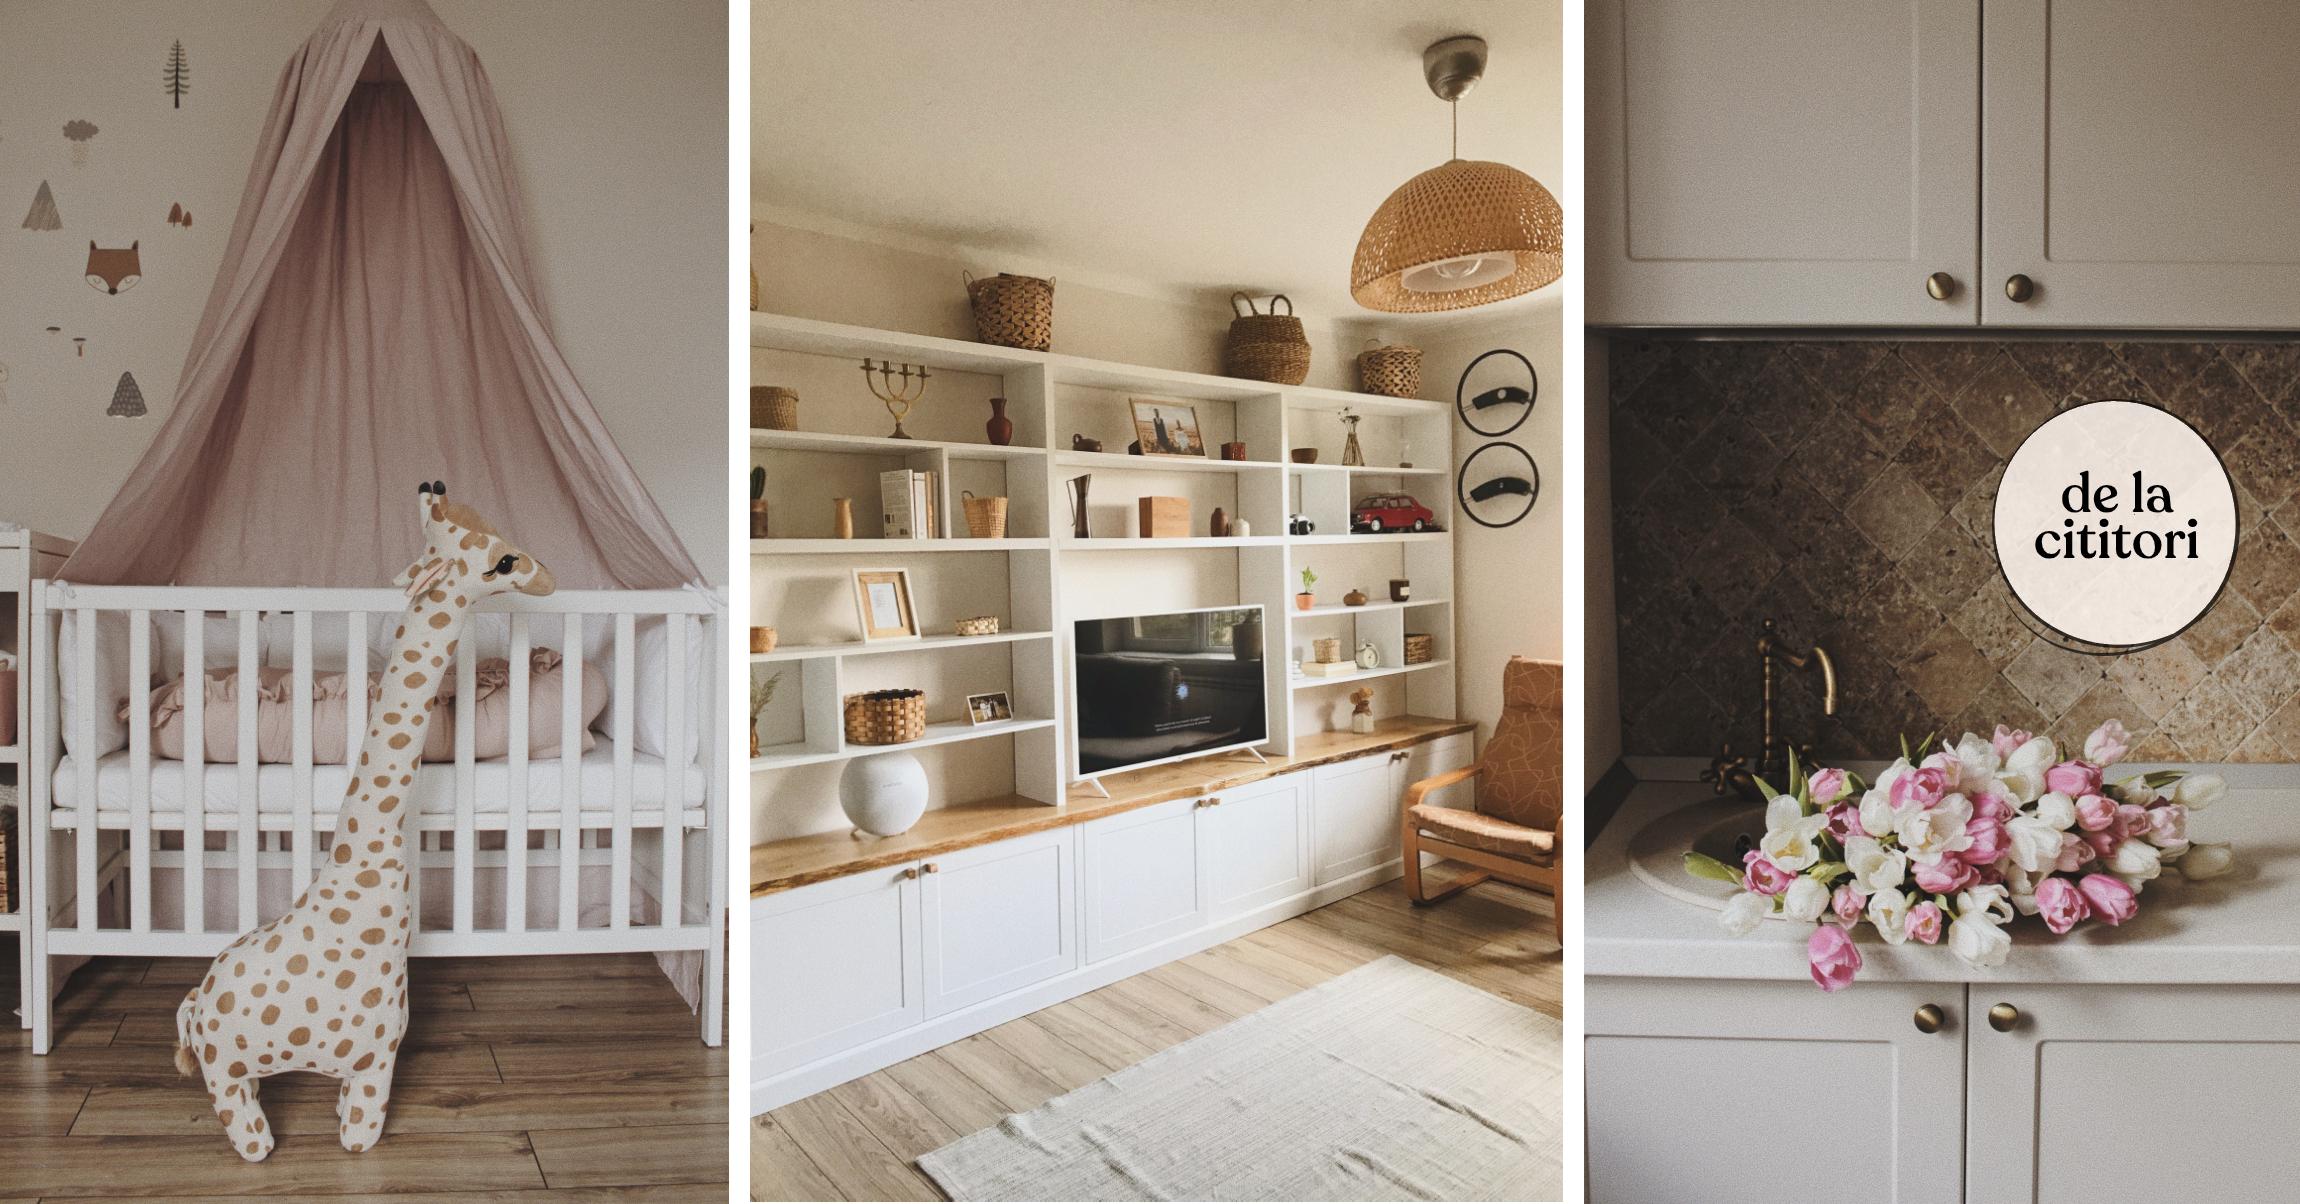 apartament renovat alba iulia pe cont propriu buget mic